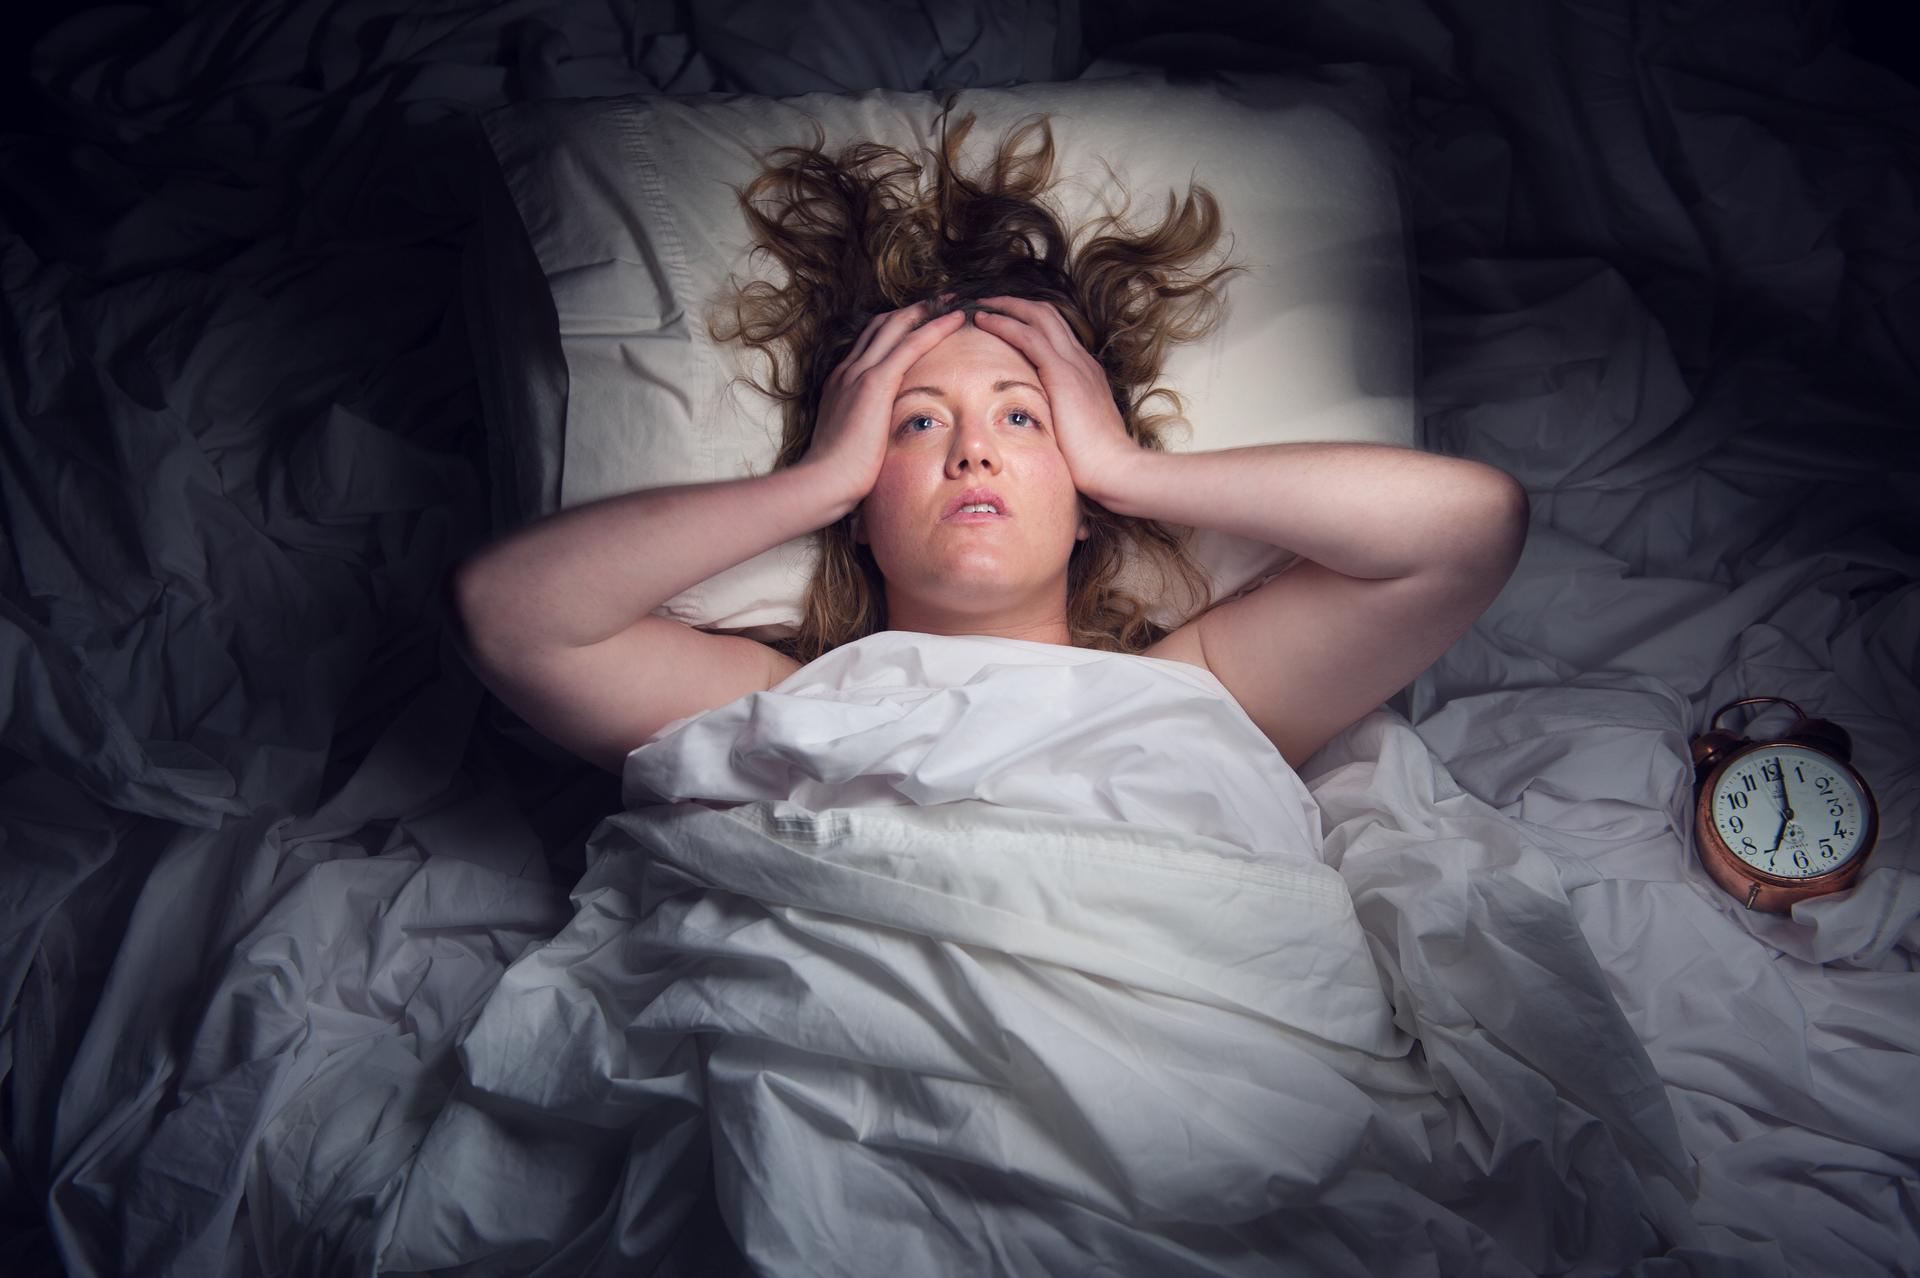 ожившая фото во сне испанский язык